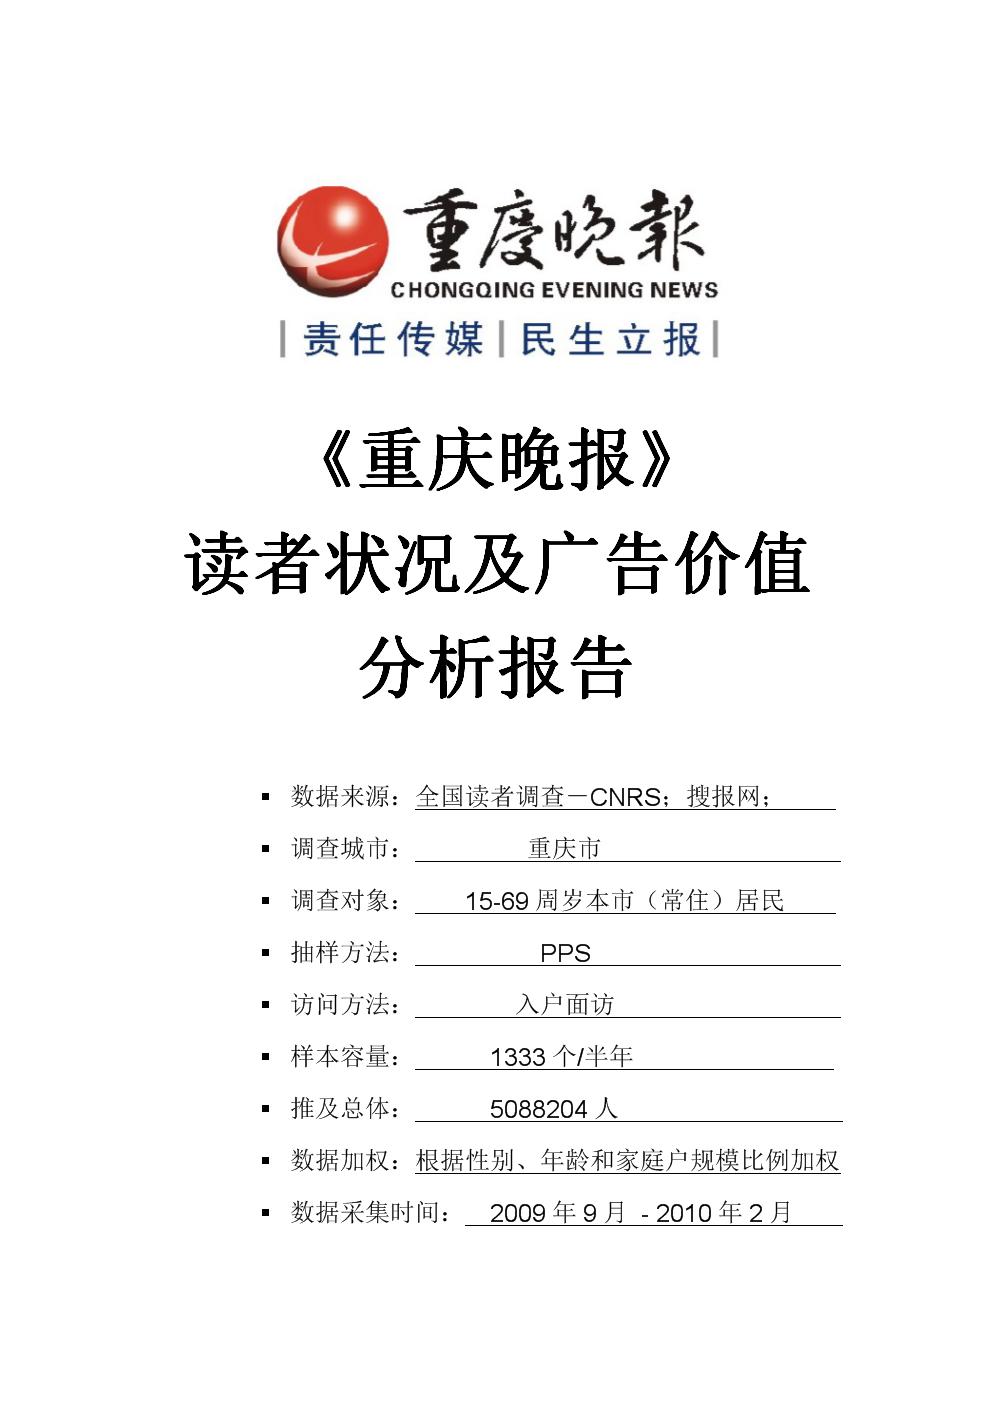 《重庆晚报》读者状况及广告价值报告.doc